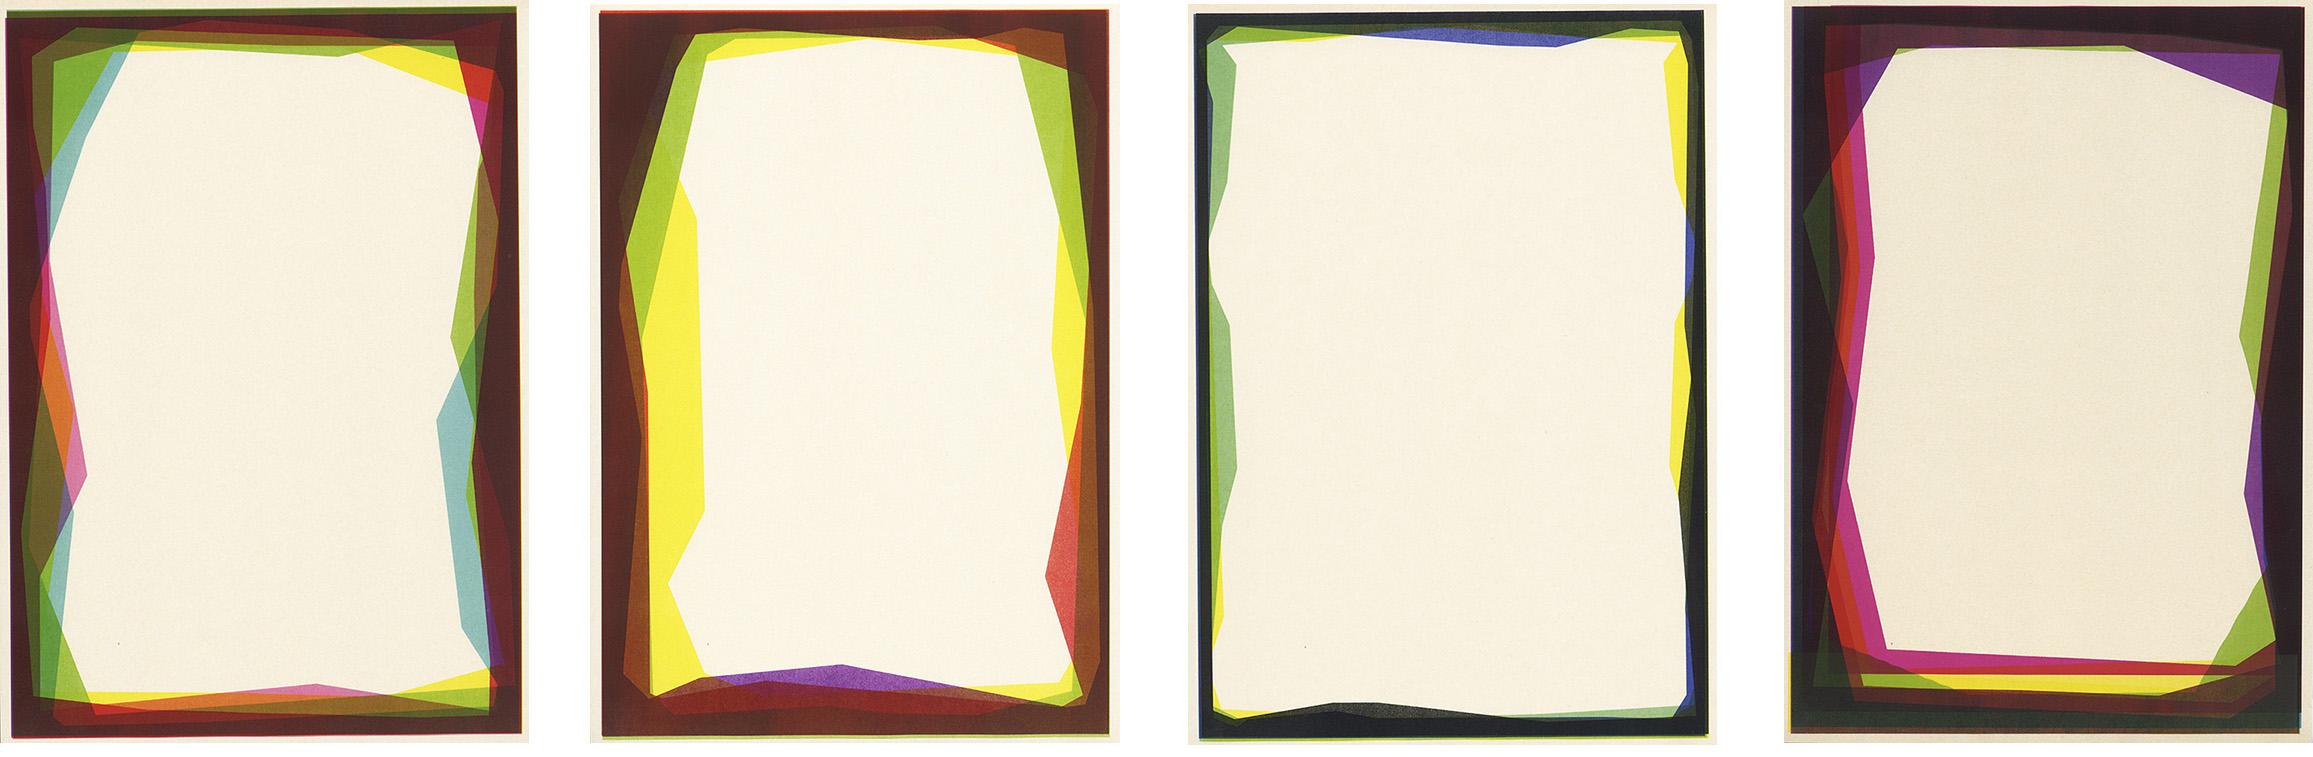 Color copies II-4